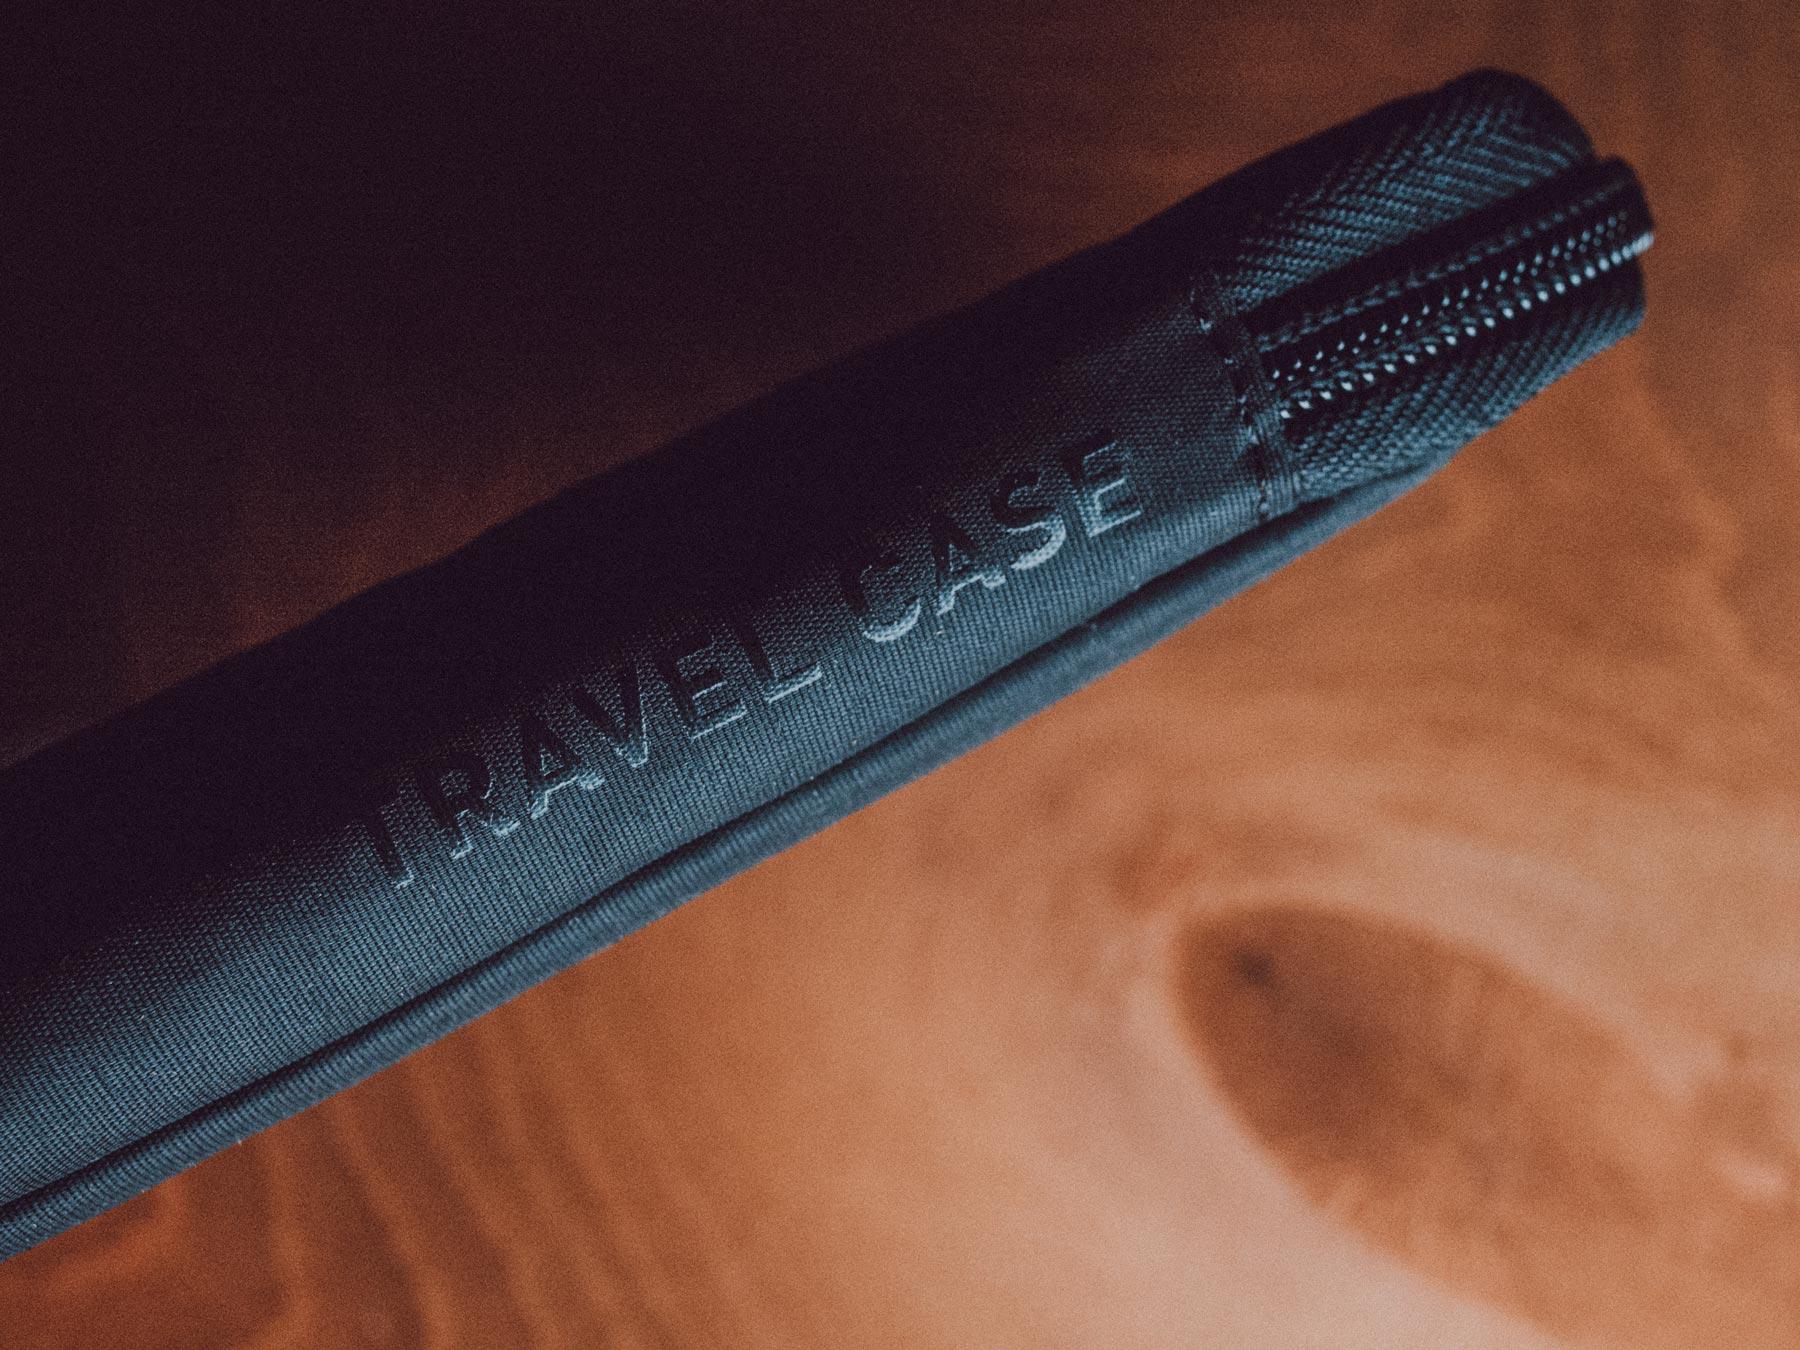 Man sieht das Travel Case aus dem Einladungs-Mailing für Distributoren zum 10-Jährigen Jubiläum von evoc sports. Der Produktname ist in glänzend schwarz auf das schwarz-matte Täschchen gedruckt. Idee und Design sind von MAJORMAJOR.